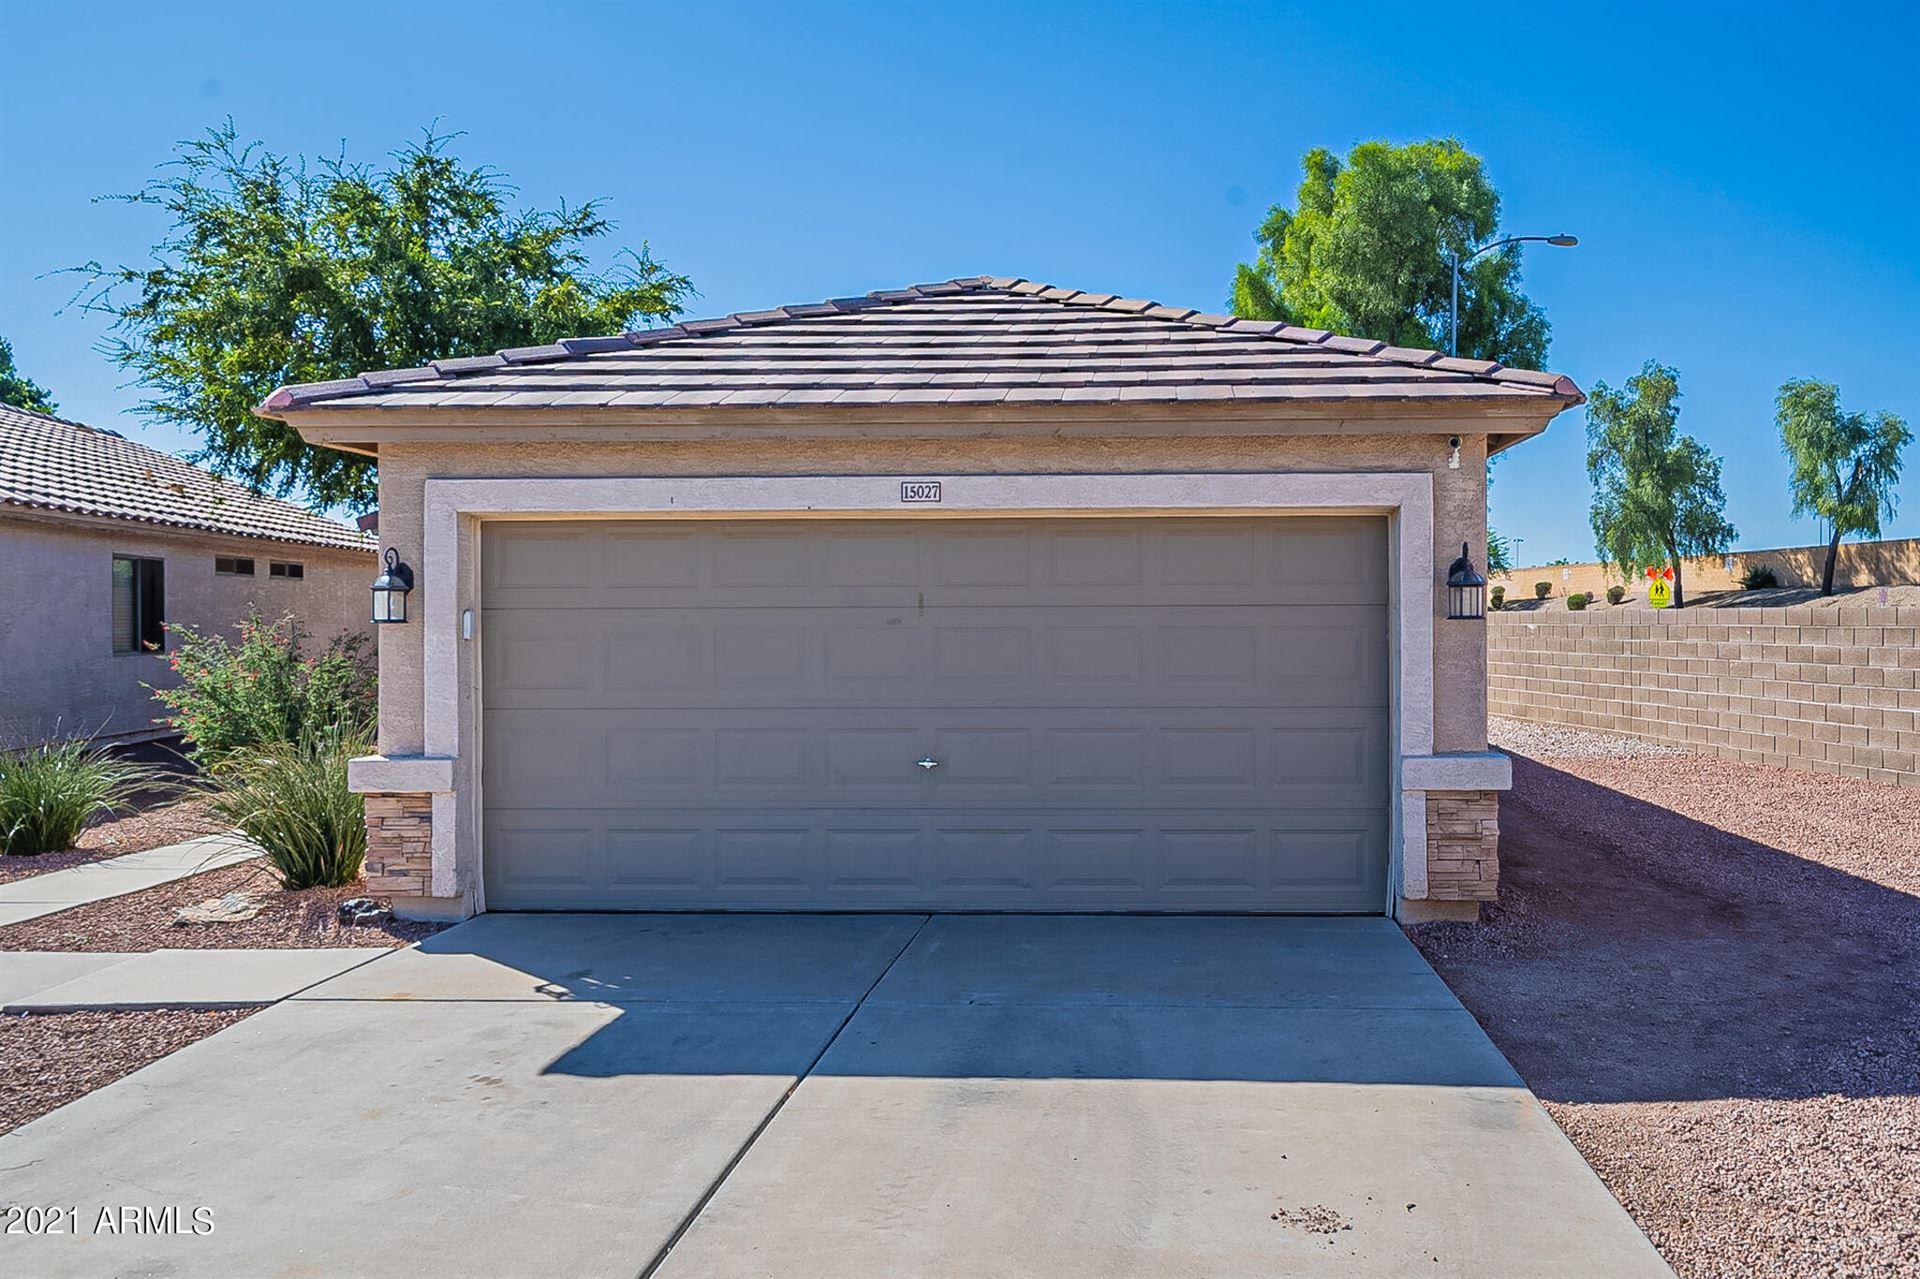 Photo of 15027 W CARIBBEAN Lane, Surprise, AZ 85379 (MLS # 6307707)